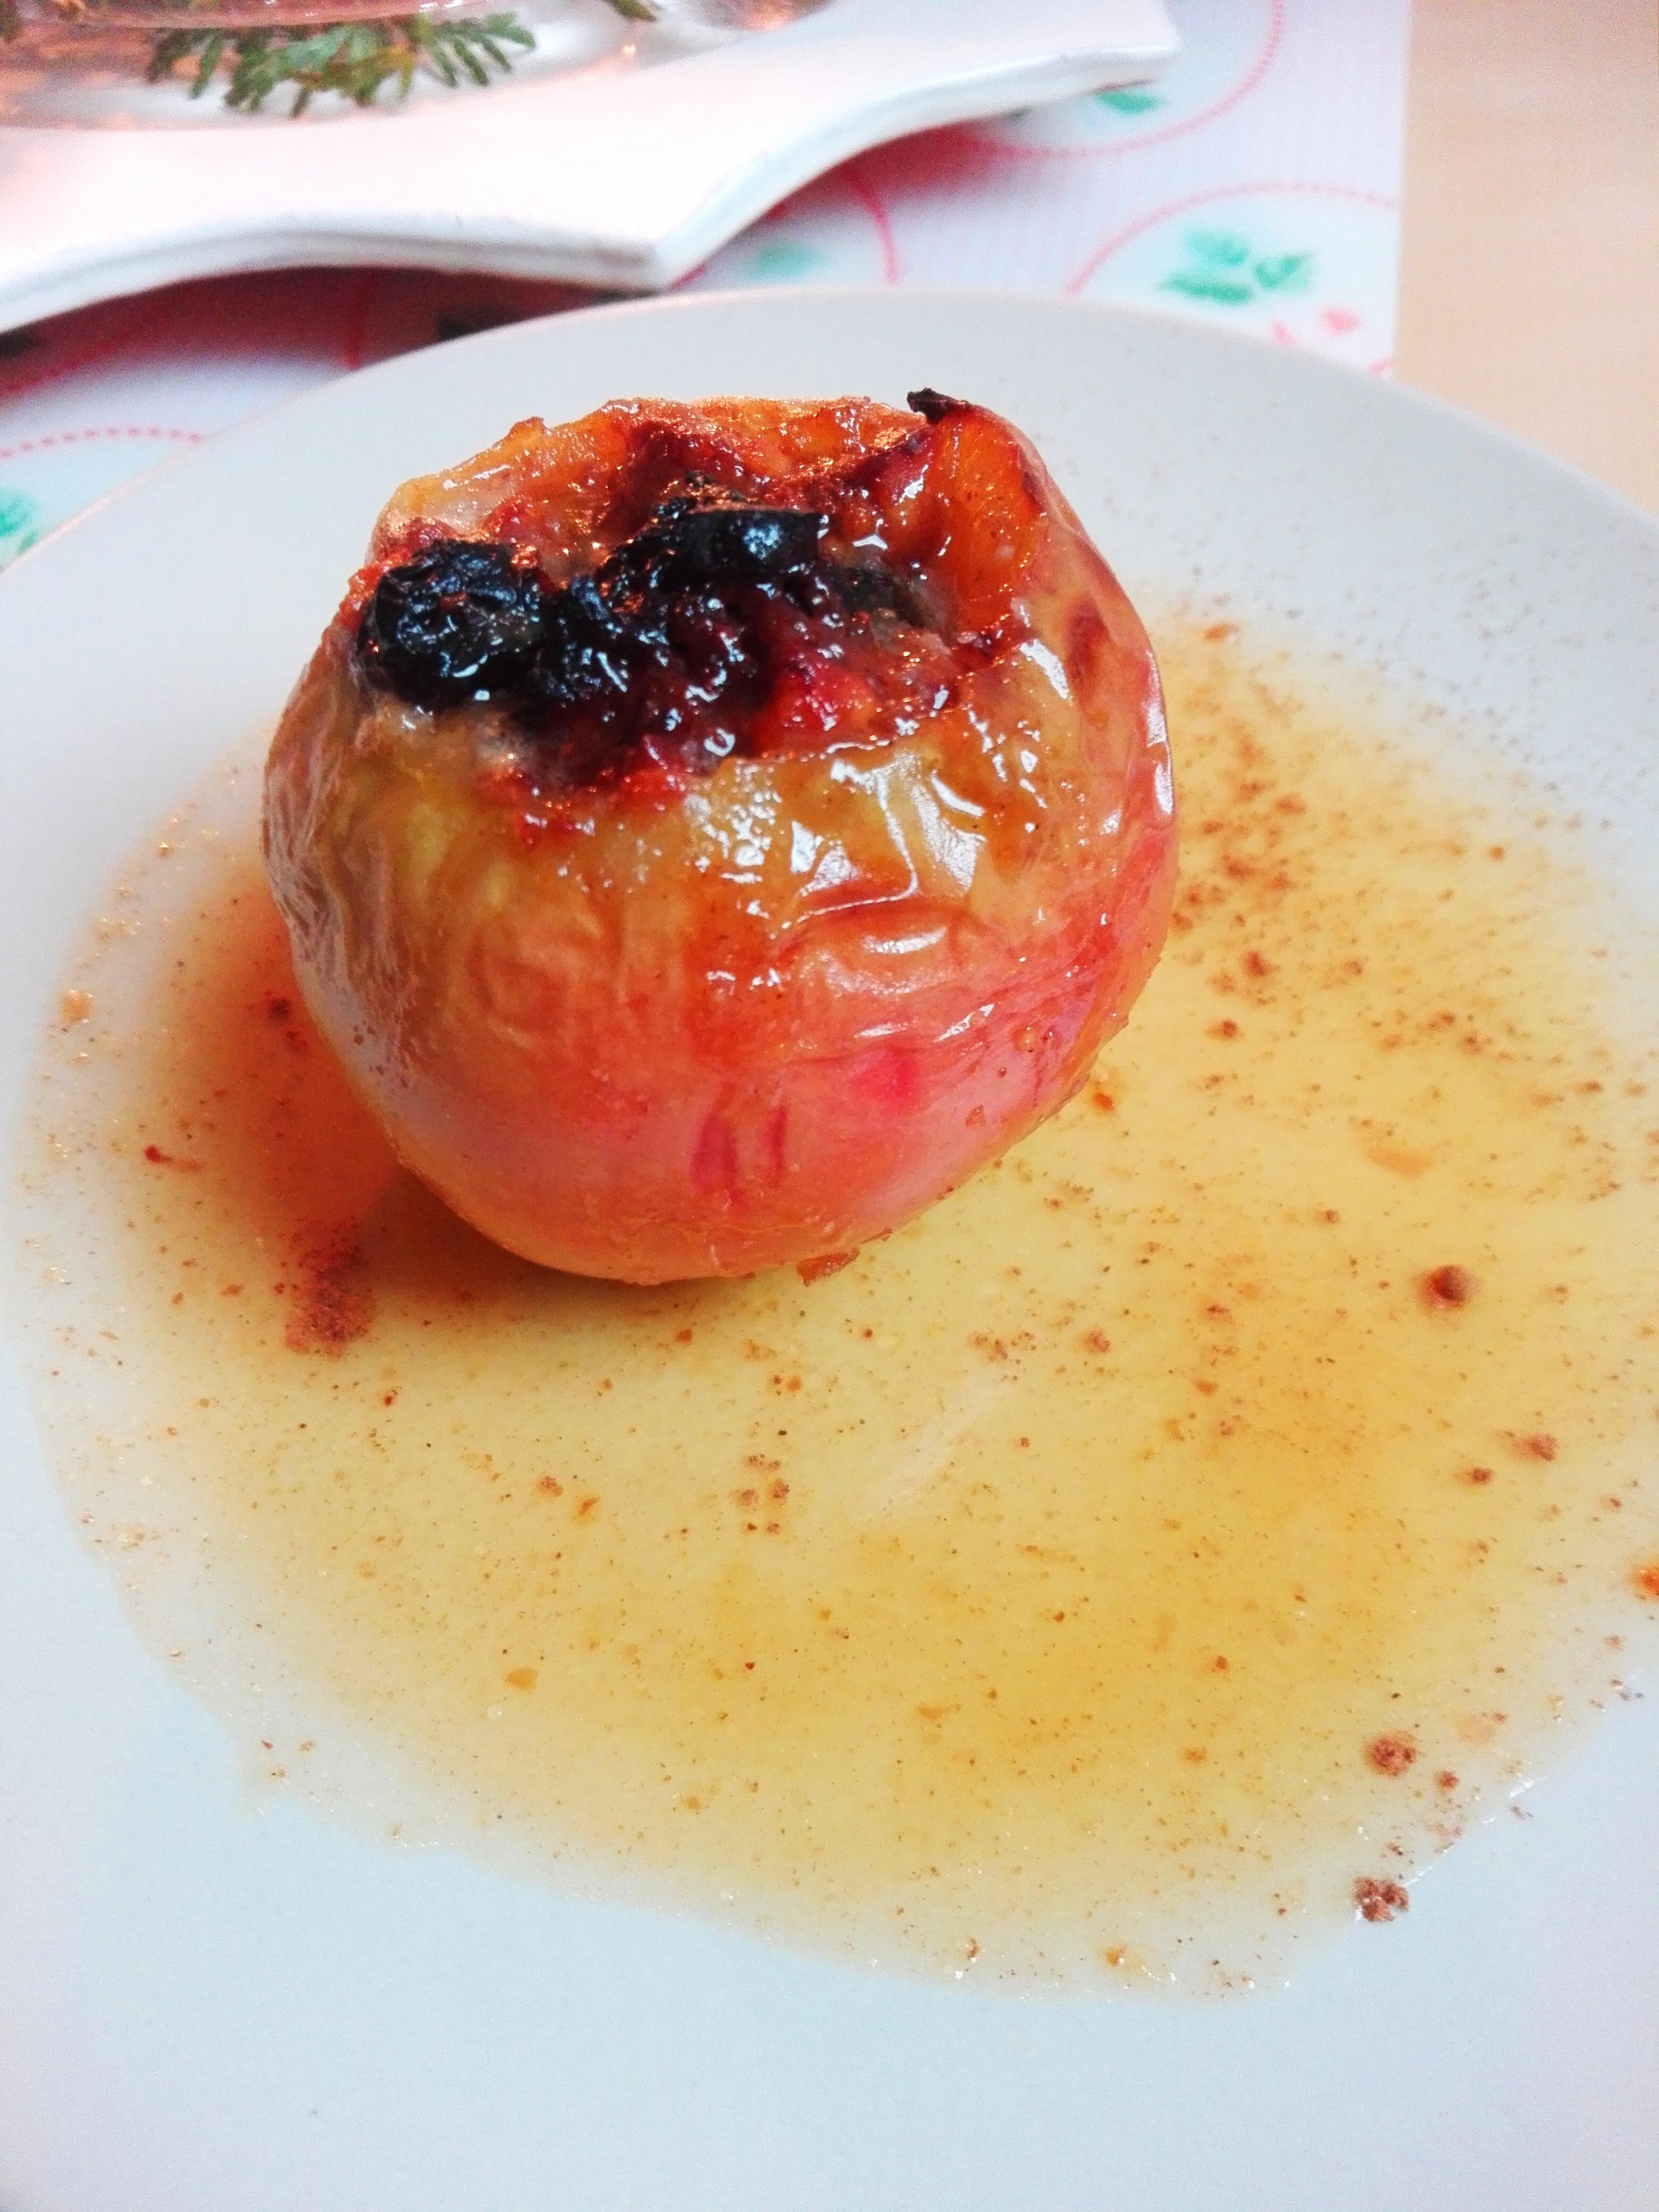 Bratapfel Rezept- Bratapfel auf einem Teller mit Soße